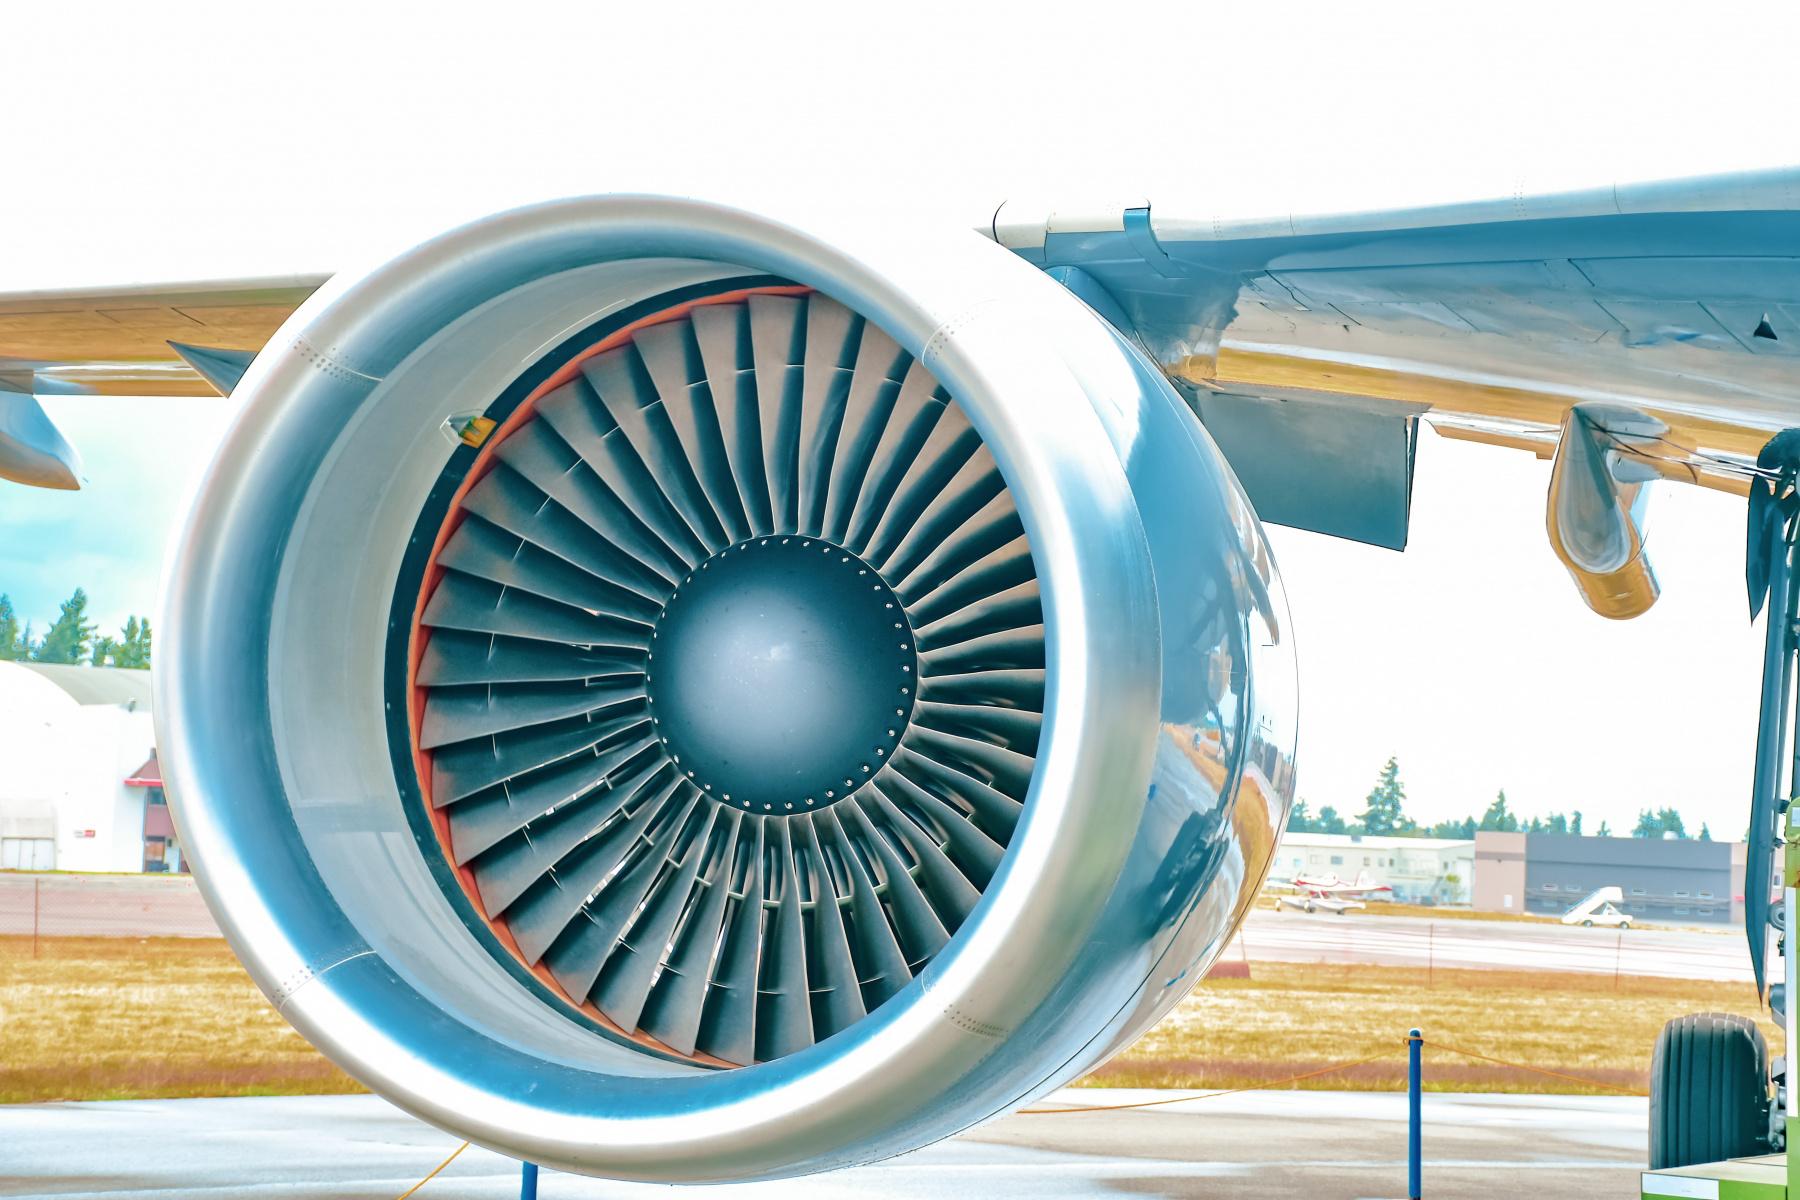 9. Turbojet/Turbofan